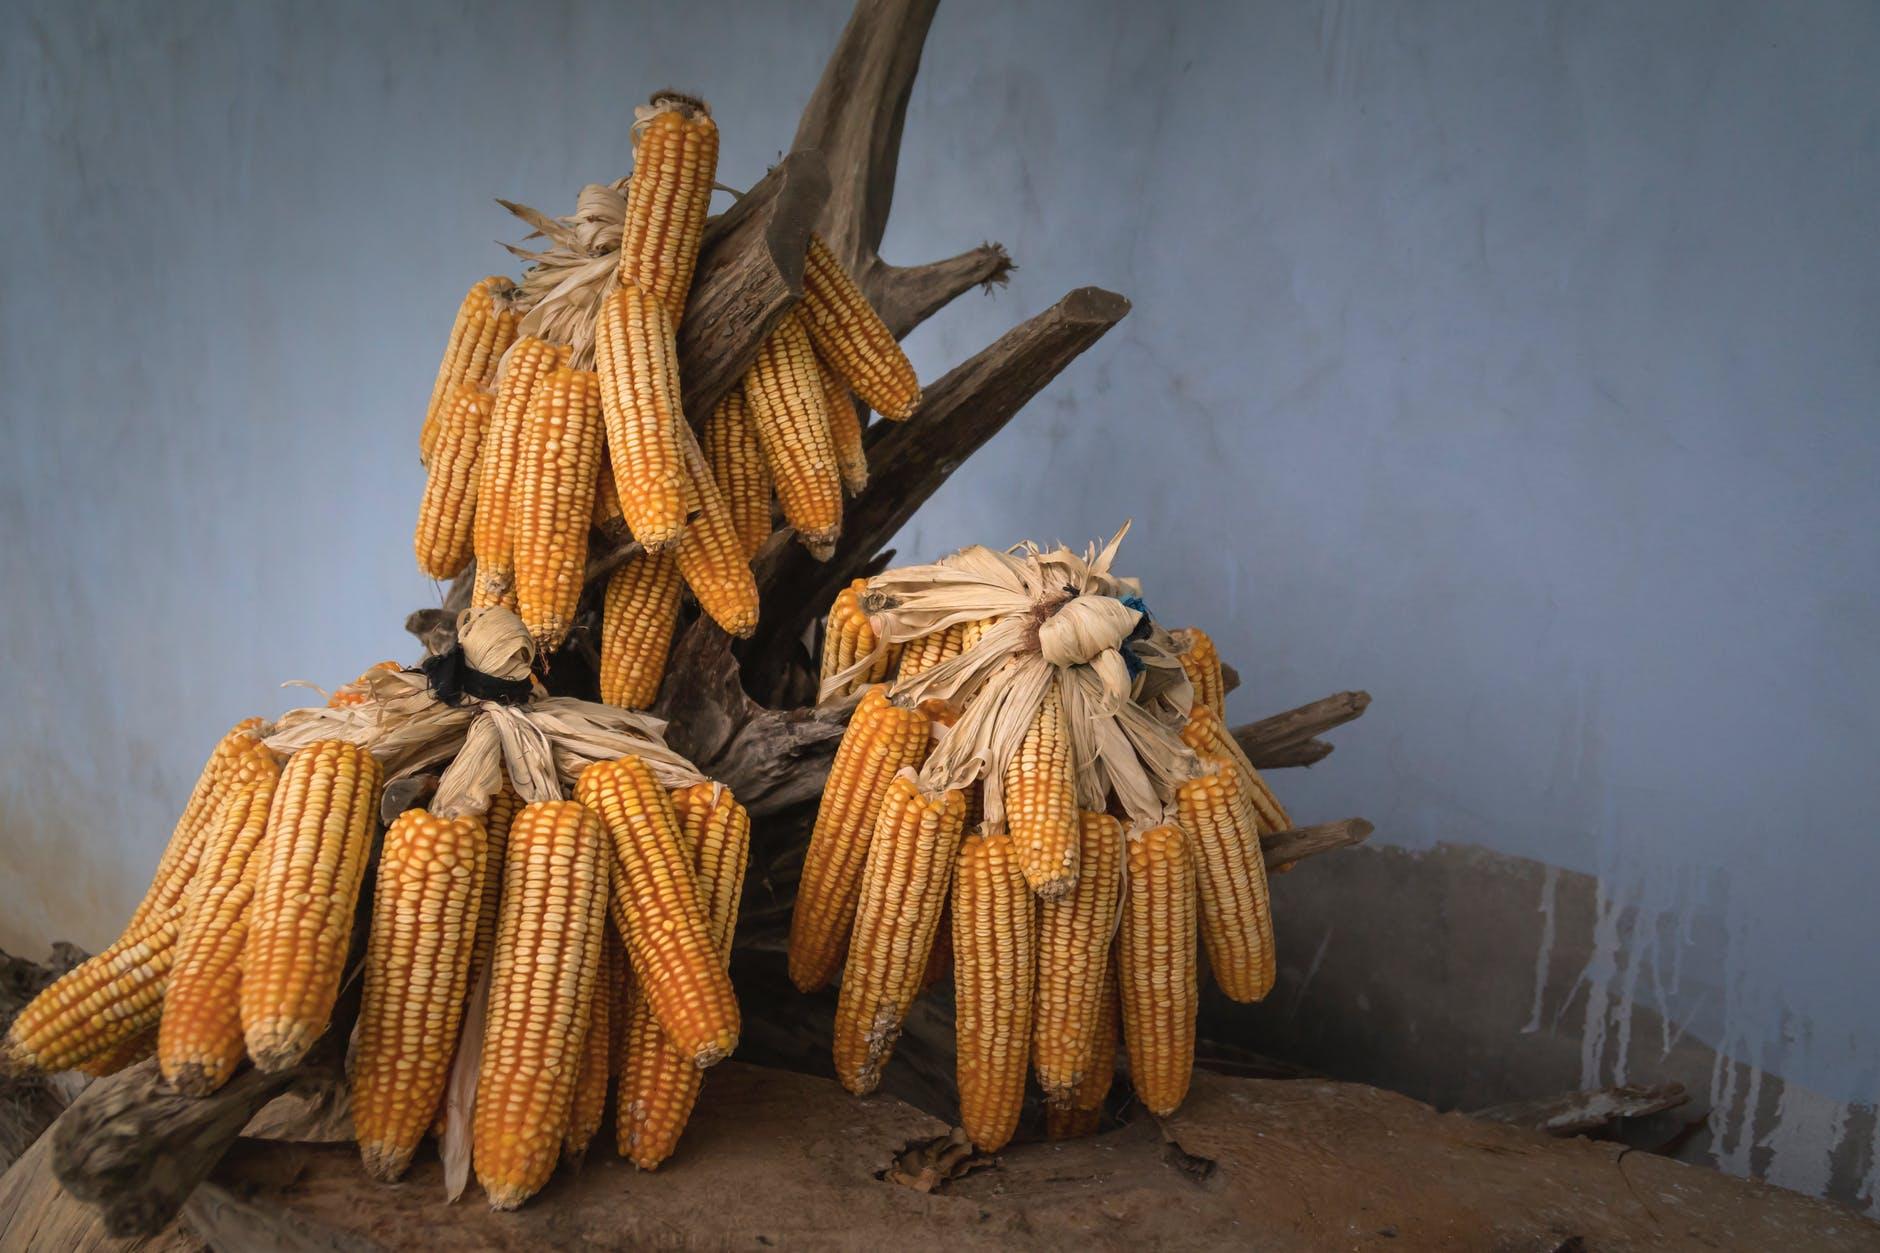 bunch of corns